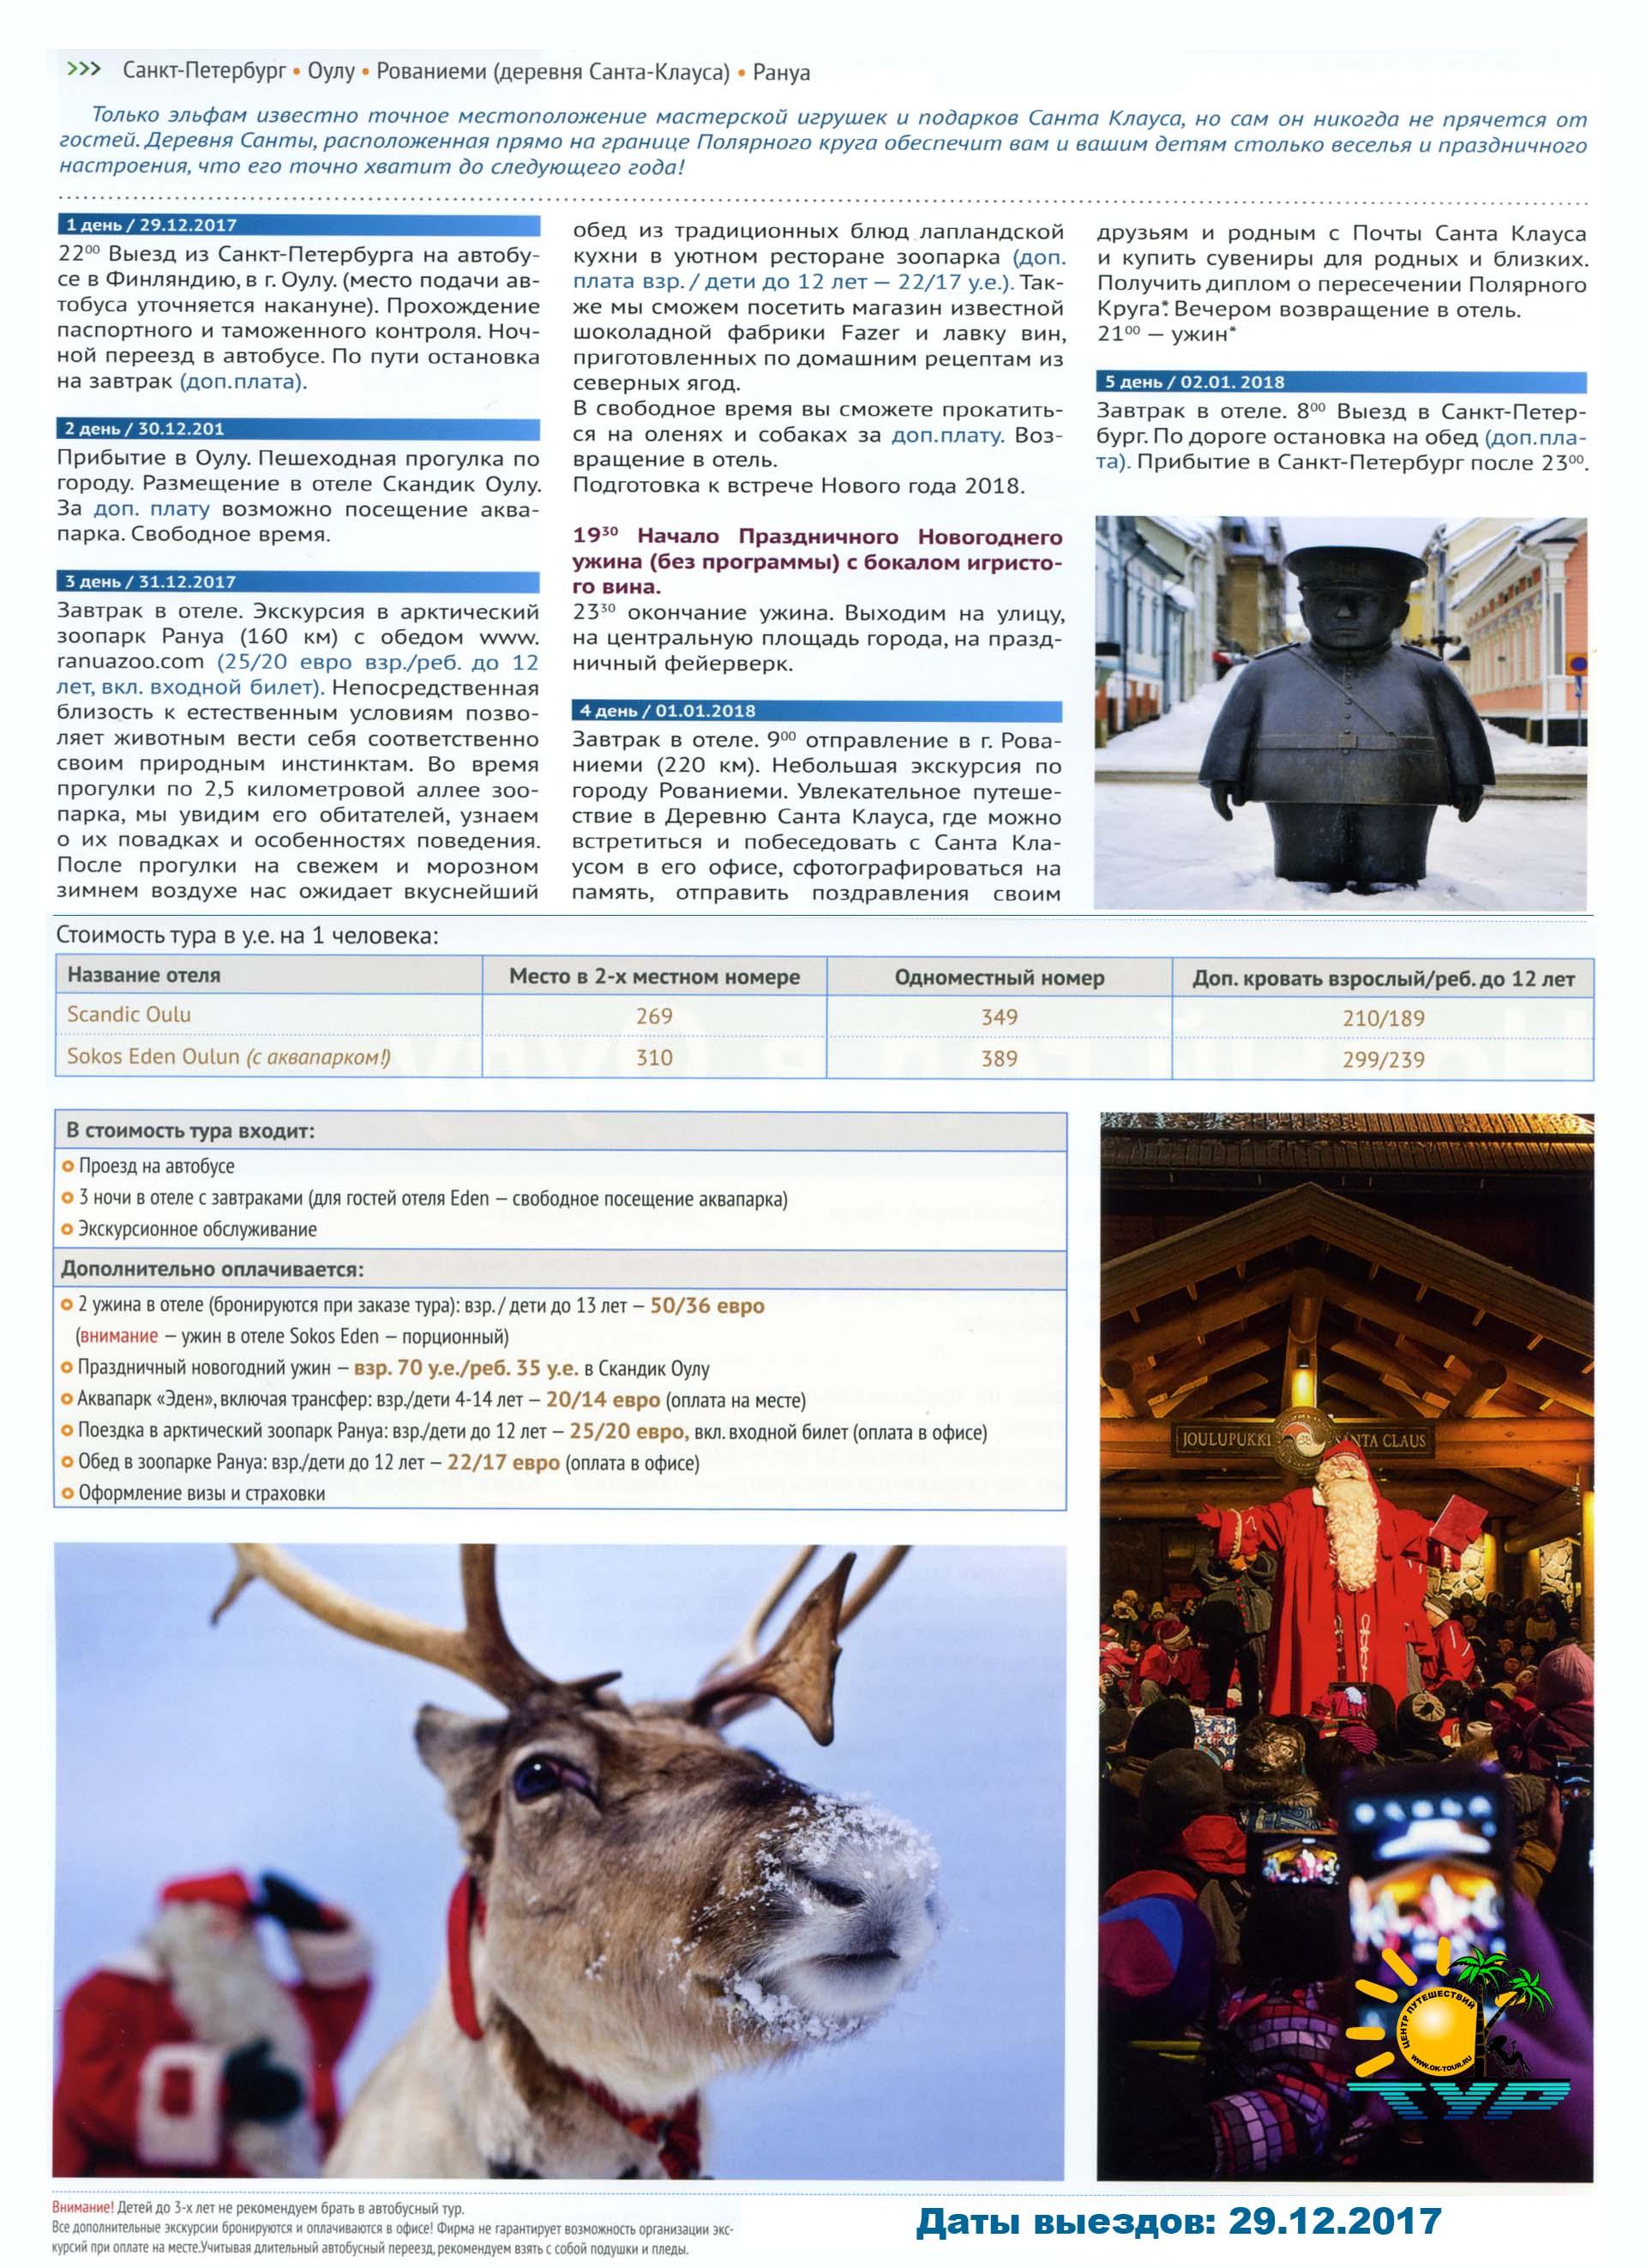 Новый год в Оулу Финляндия